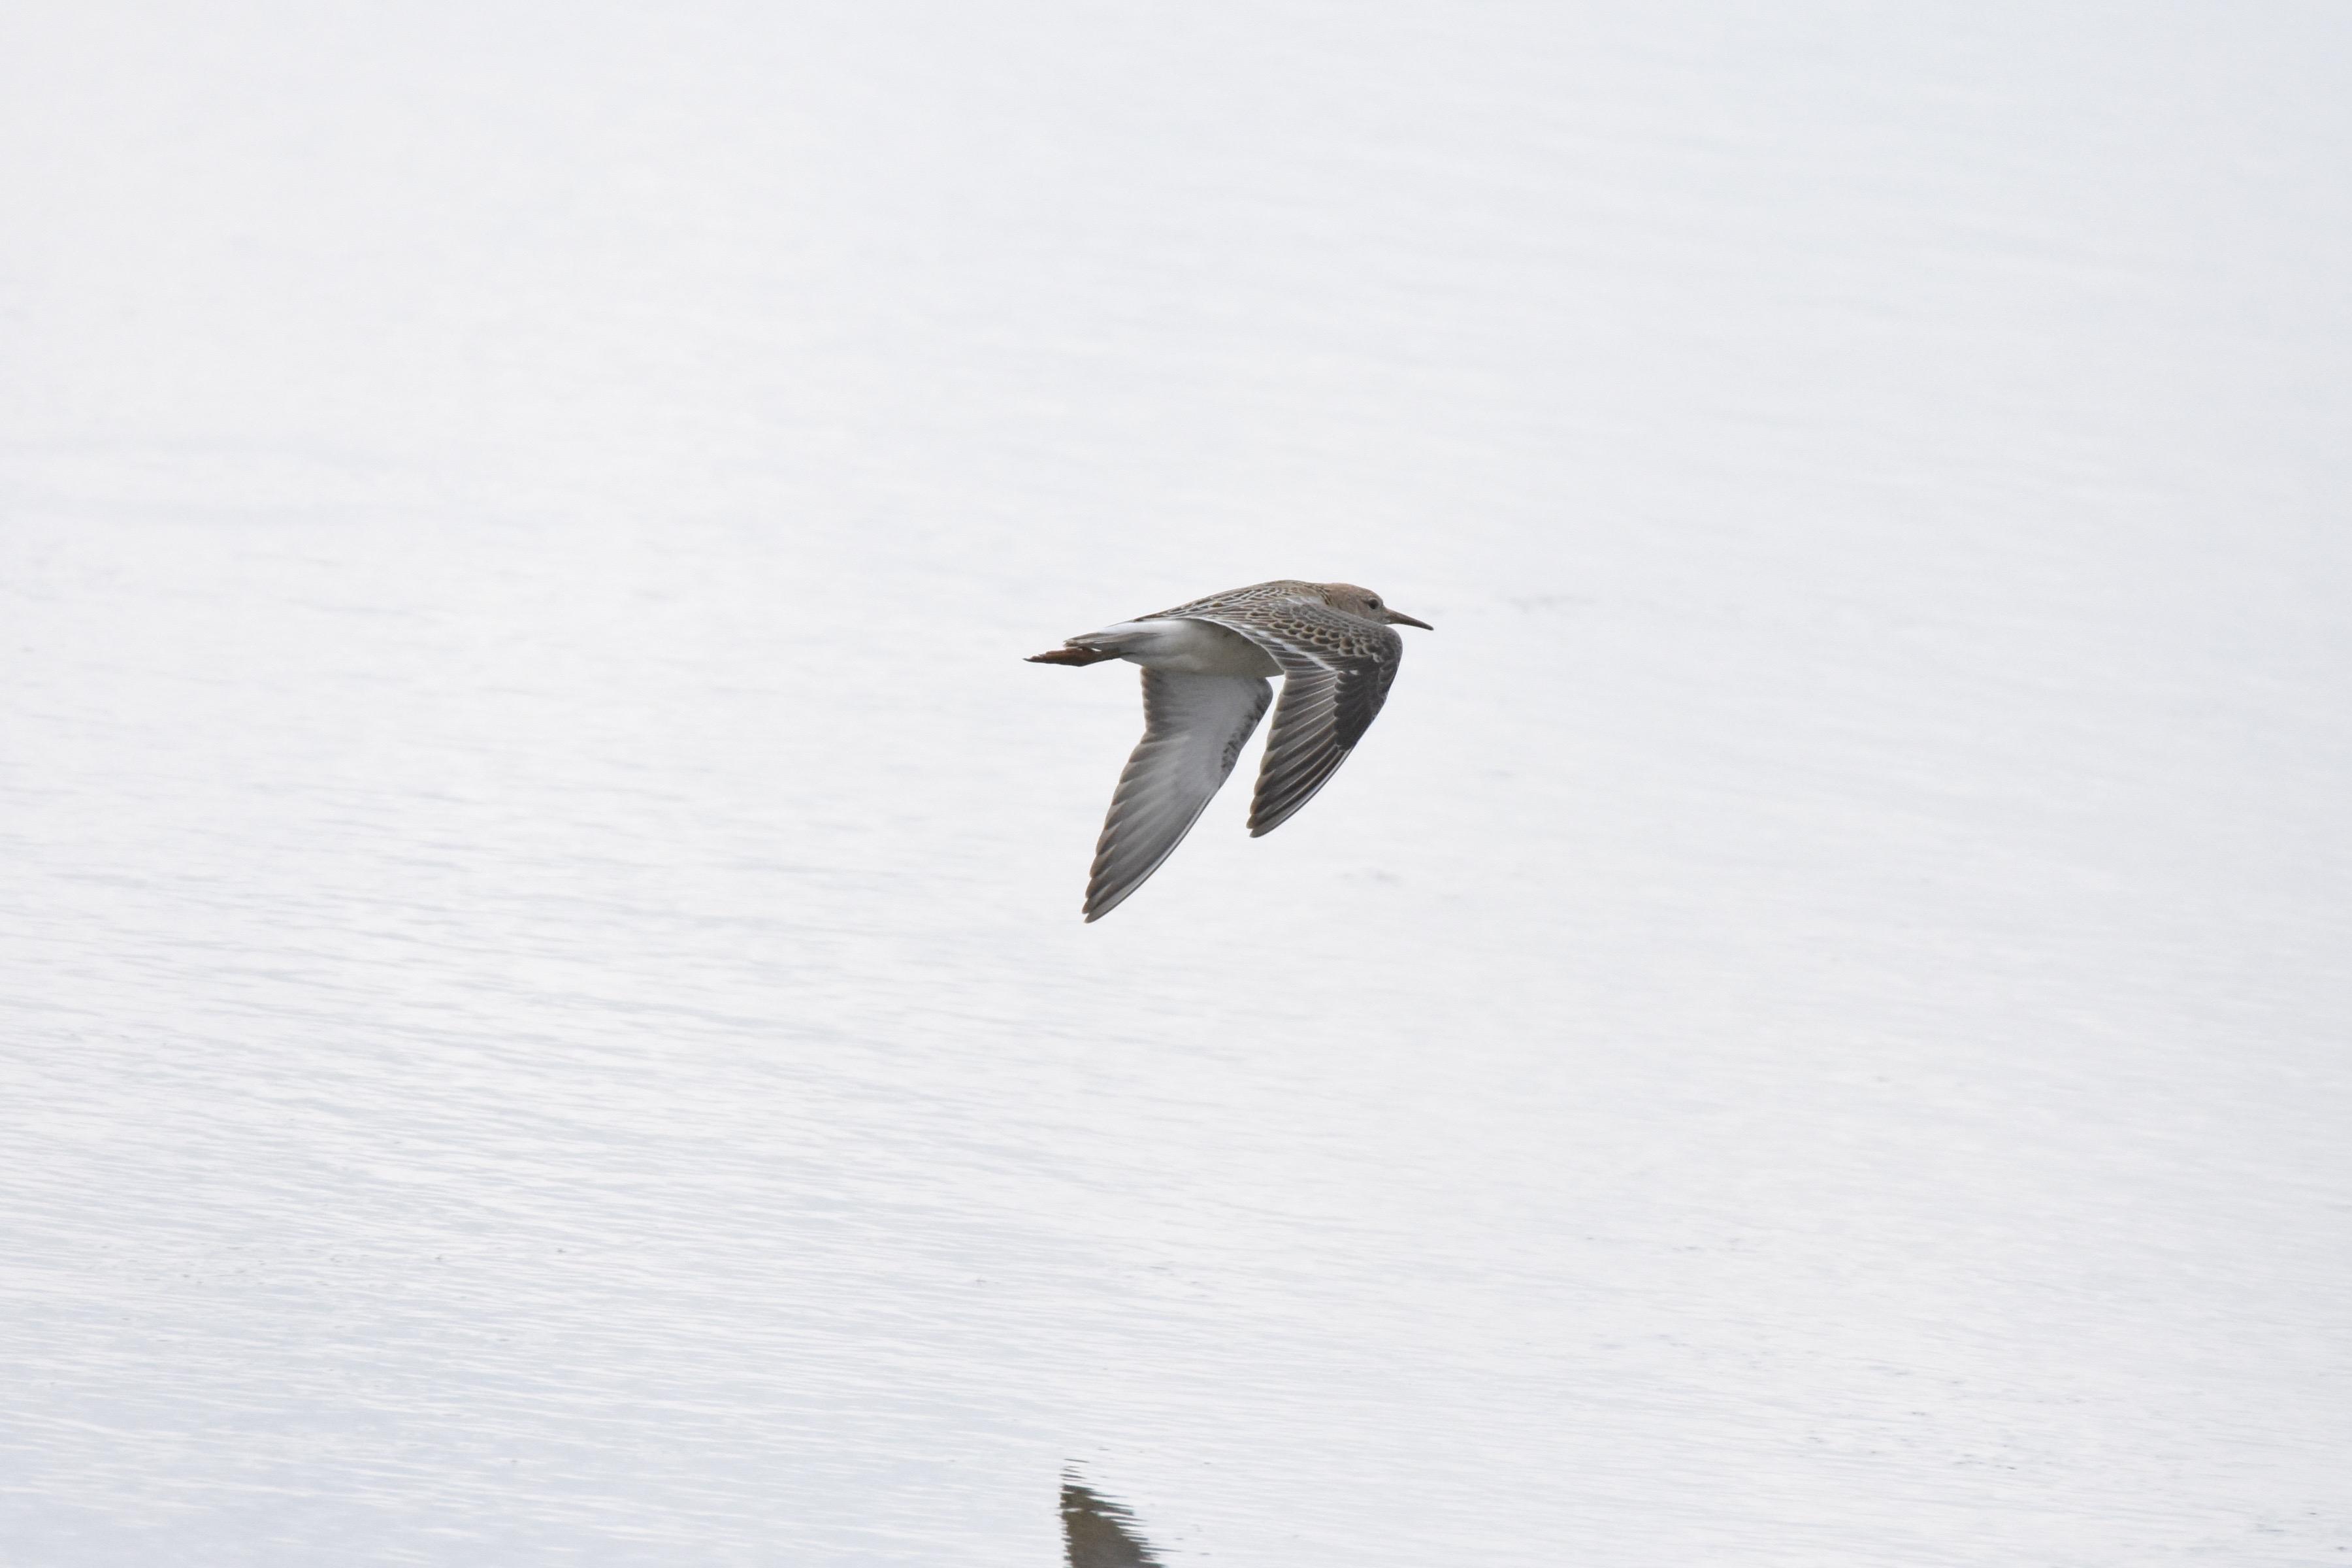 エリマキシギ 飛翔